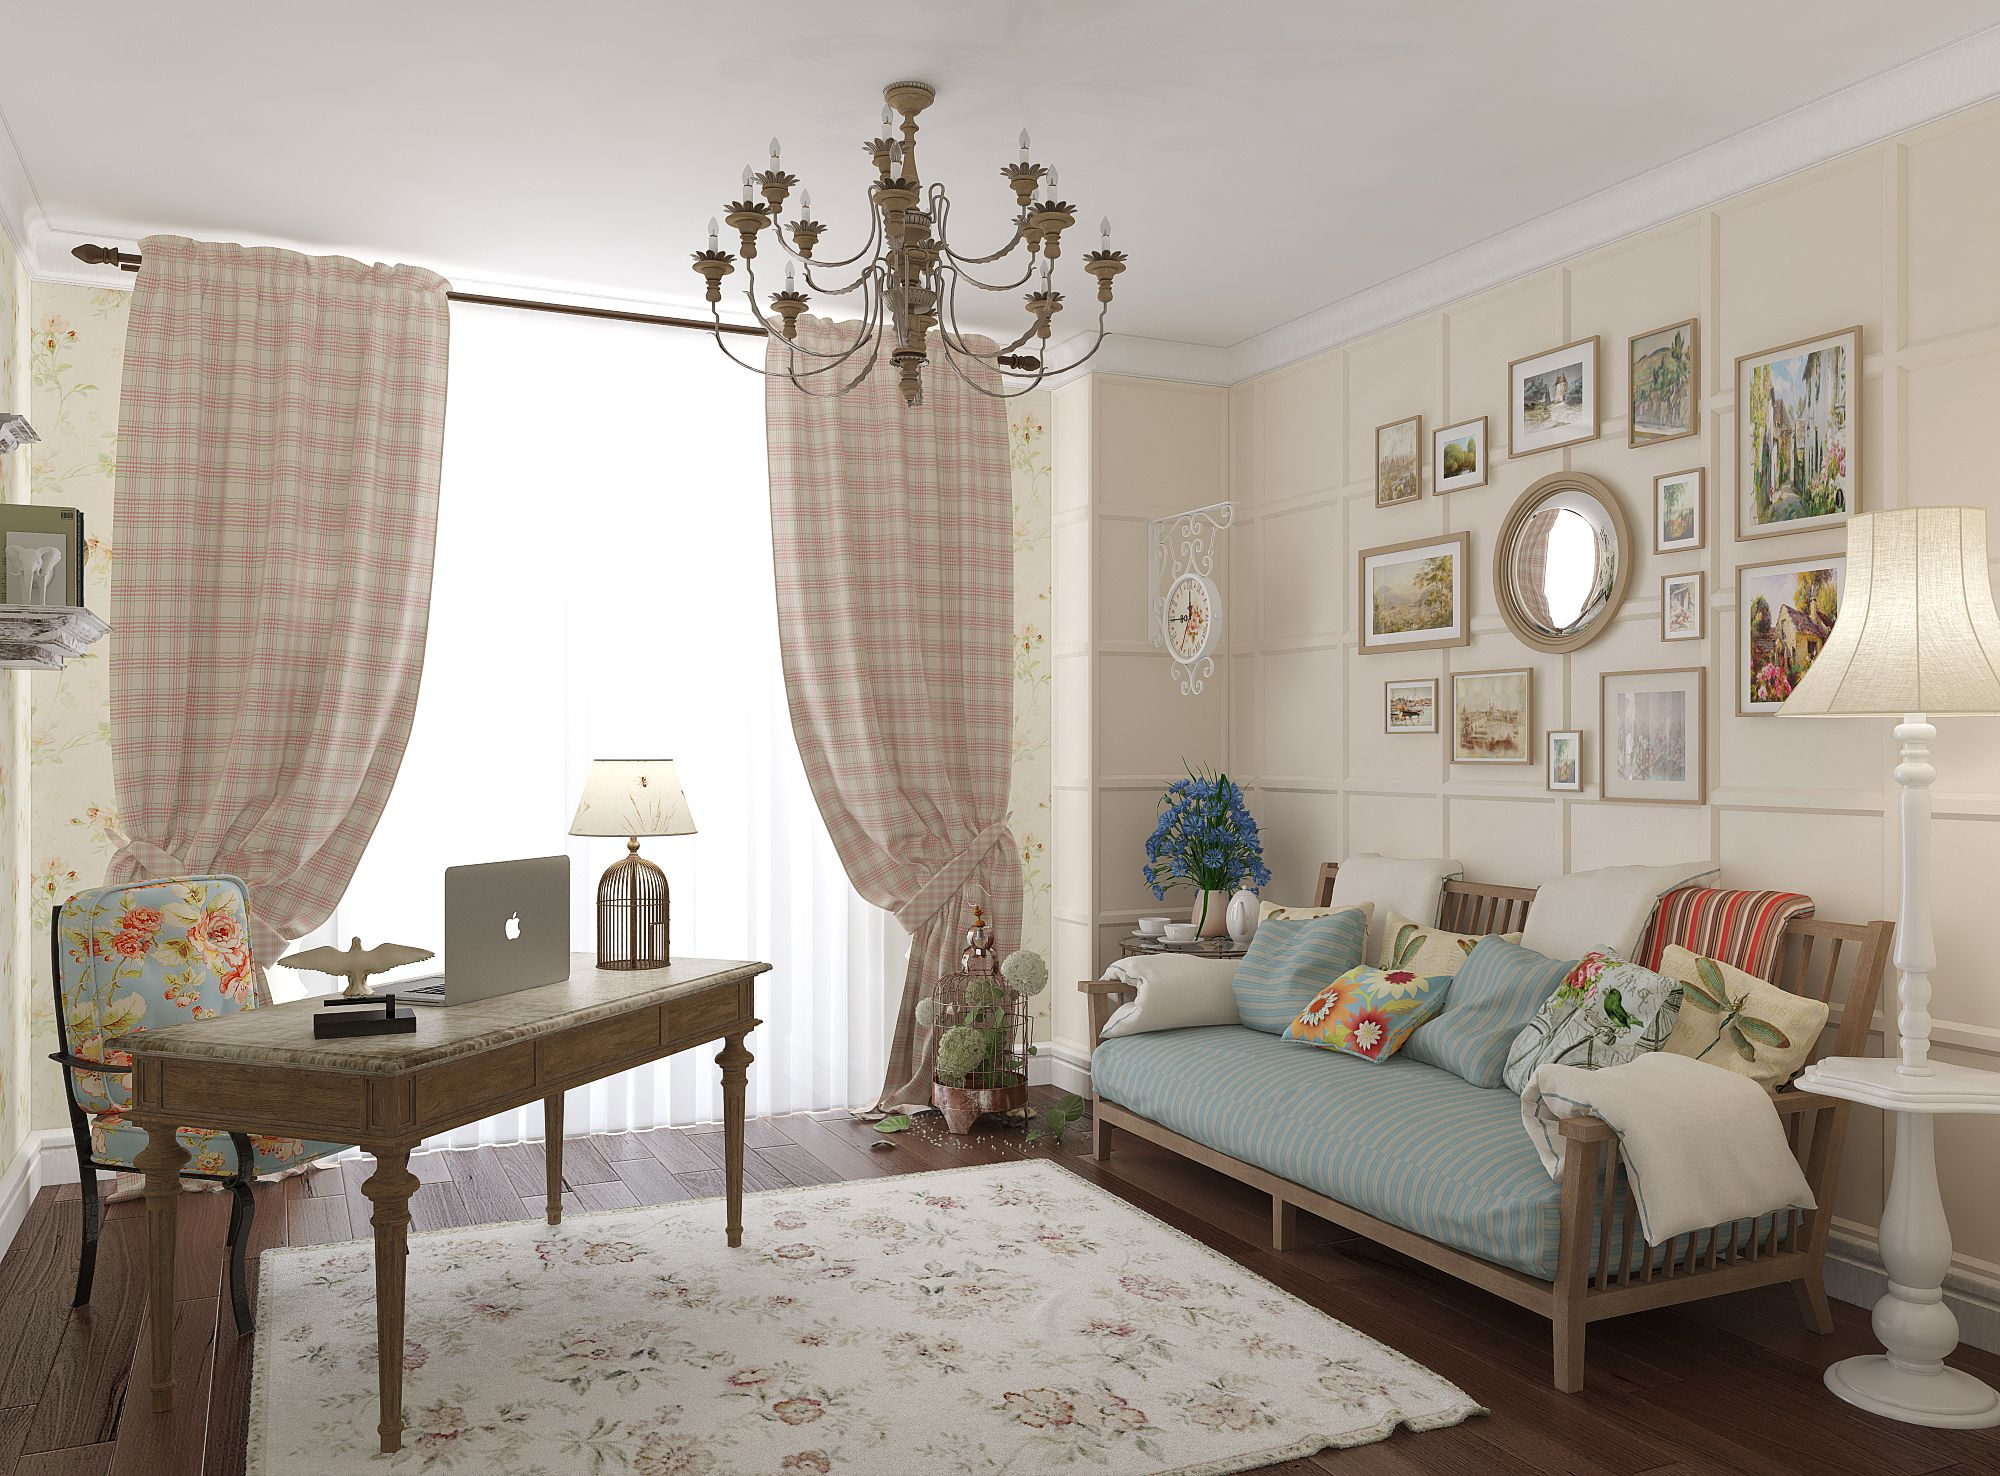 Цвет штор в интерьере: 7 разных стилей